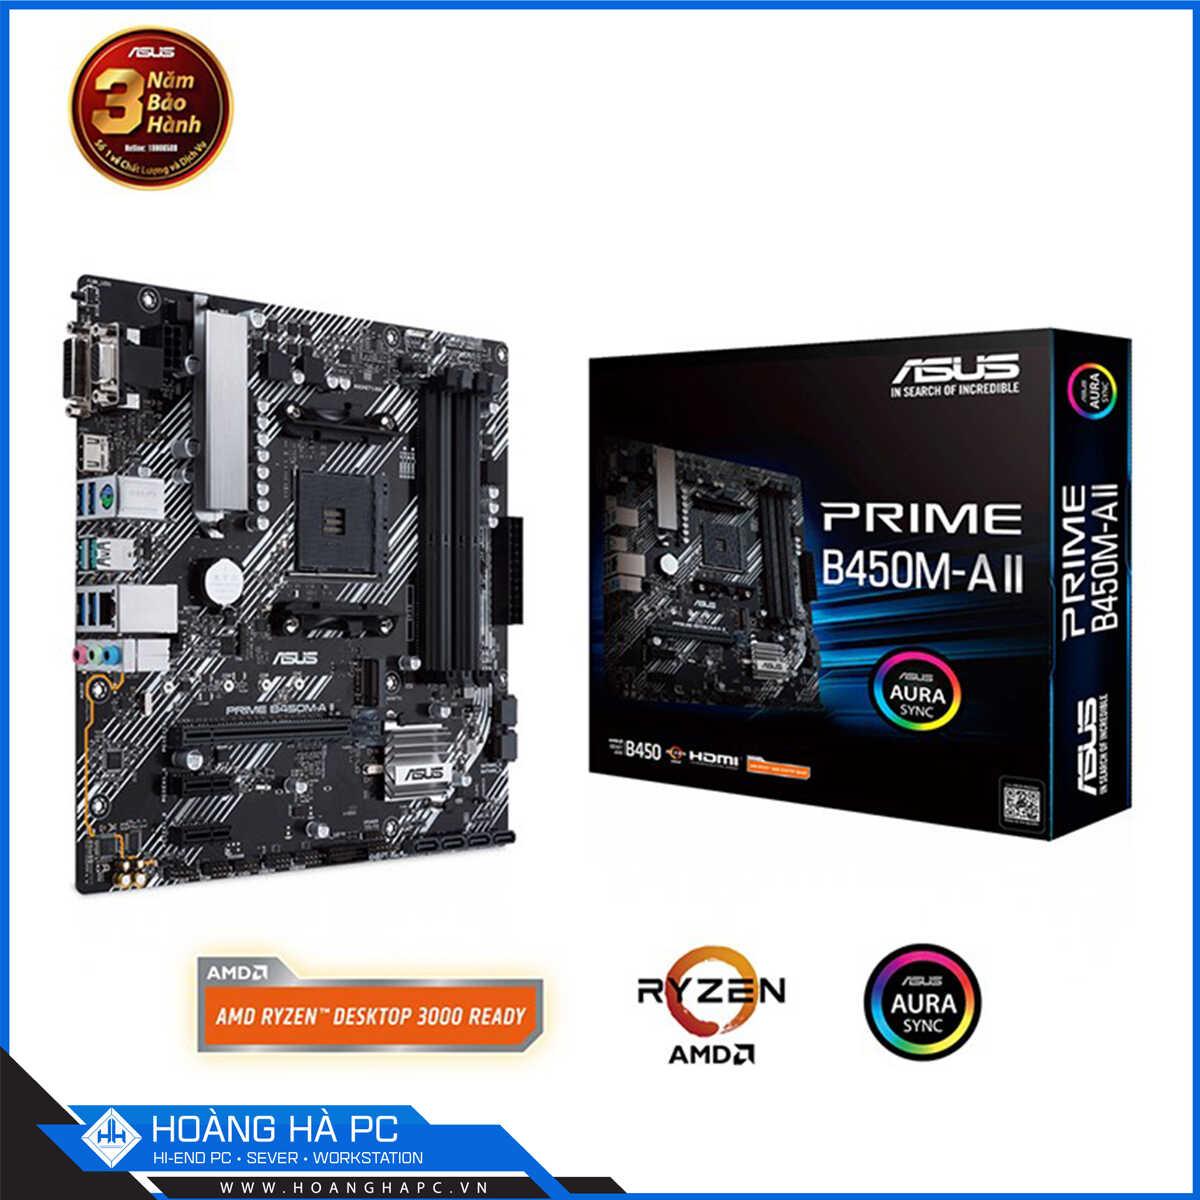 Mainboard AMD B450 được coi là bo mạch chủ quốc dân